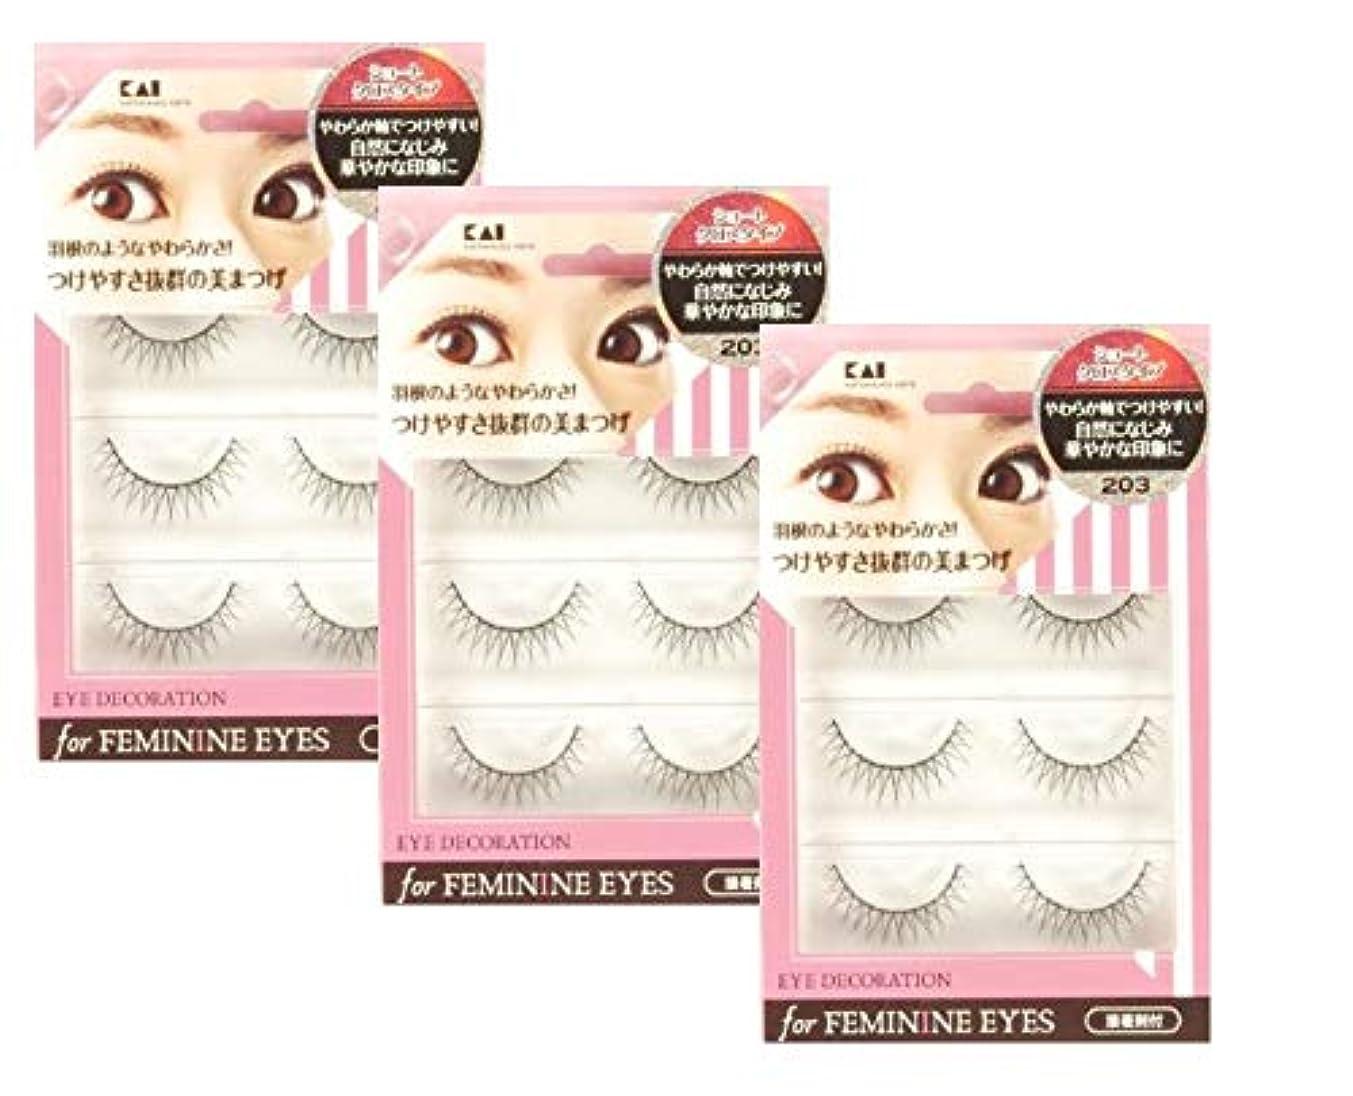 うなずくプラグ避難【まとめ買い3個セット】アイデコレーション for feminine eyes 203 ショートクロスタイプ